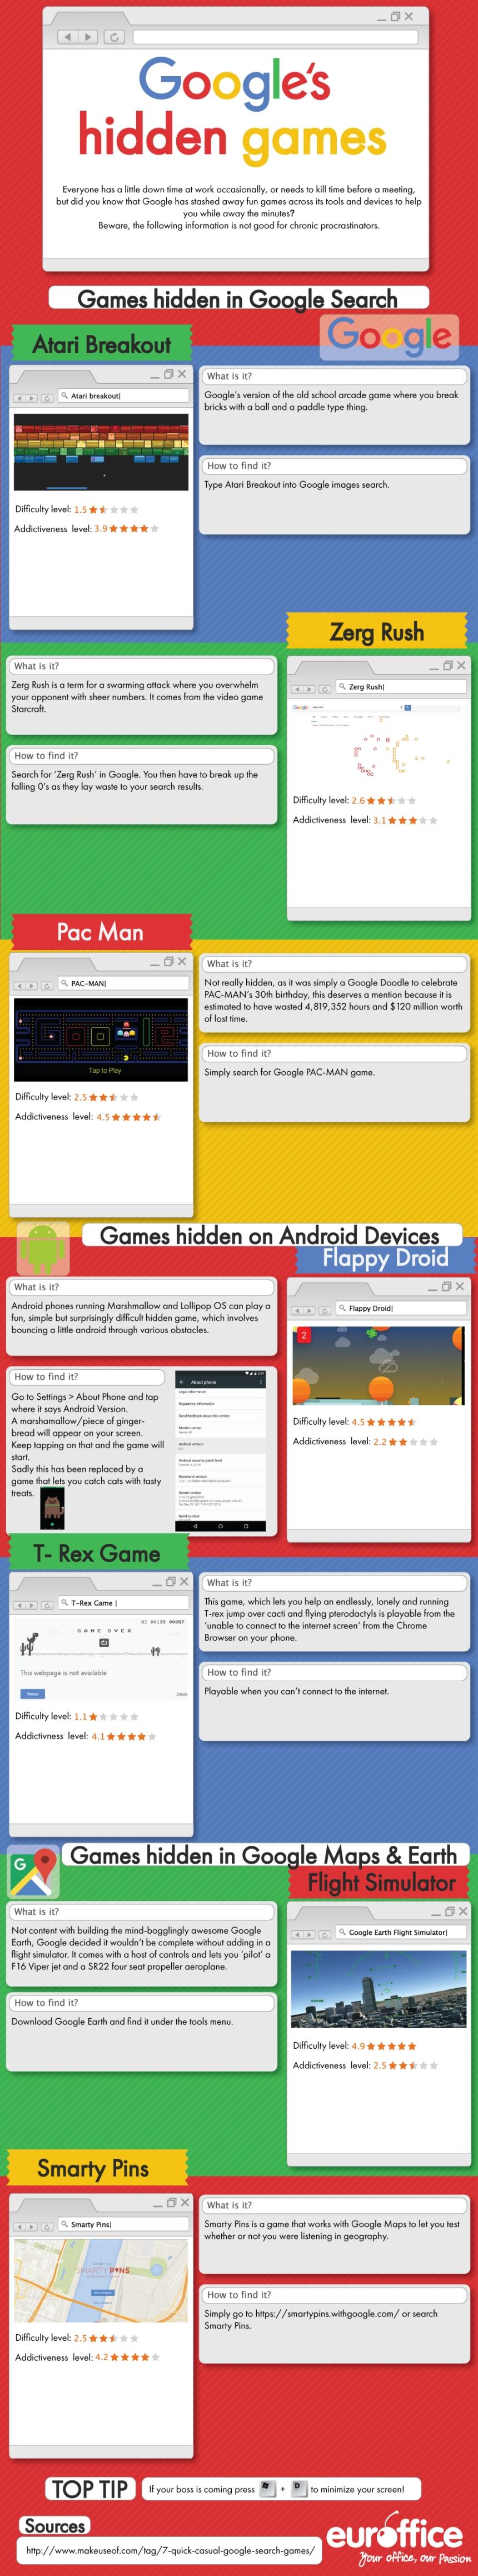 Los juegos ocultos en Google